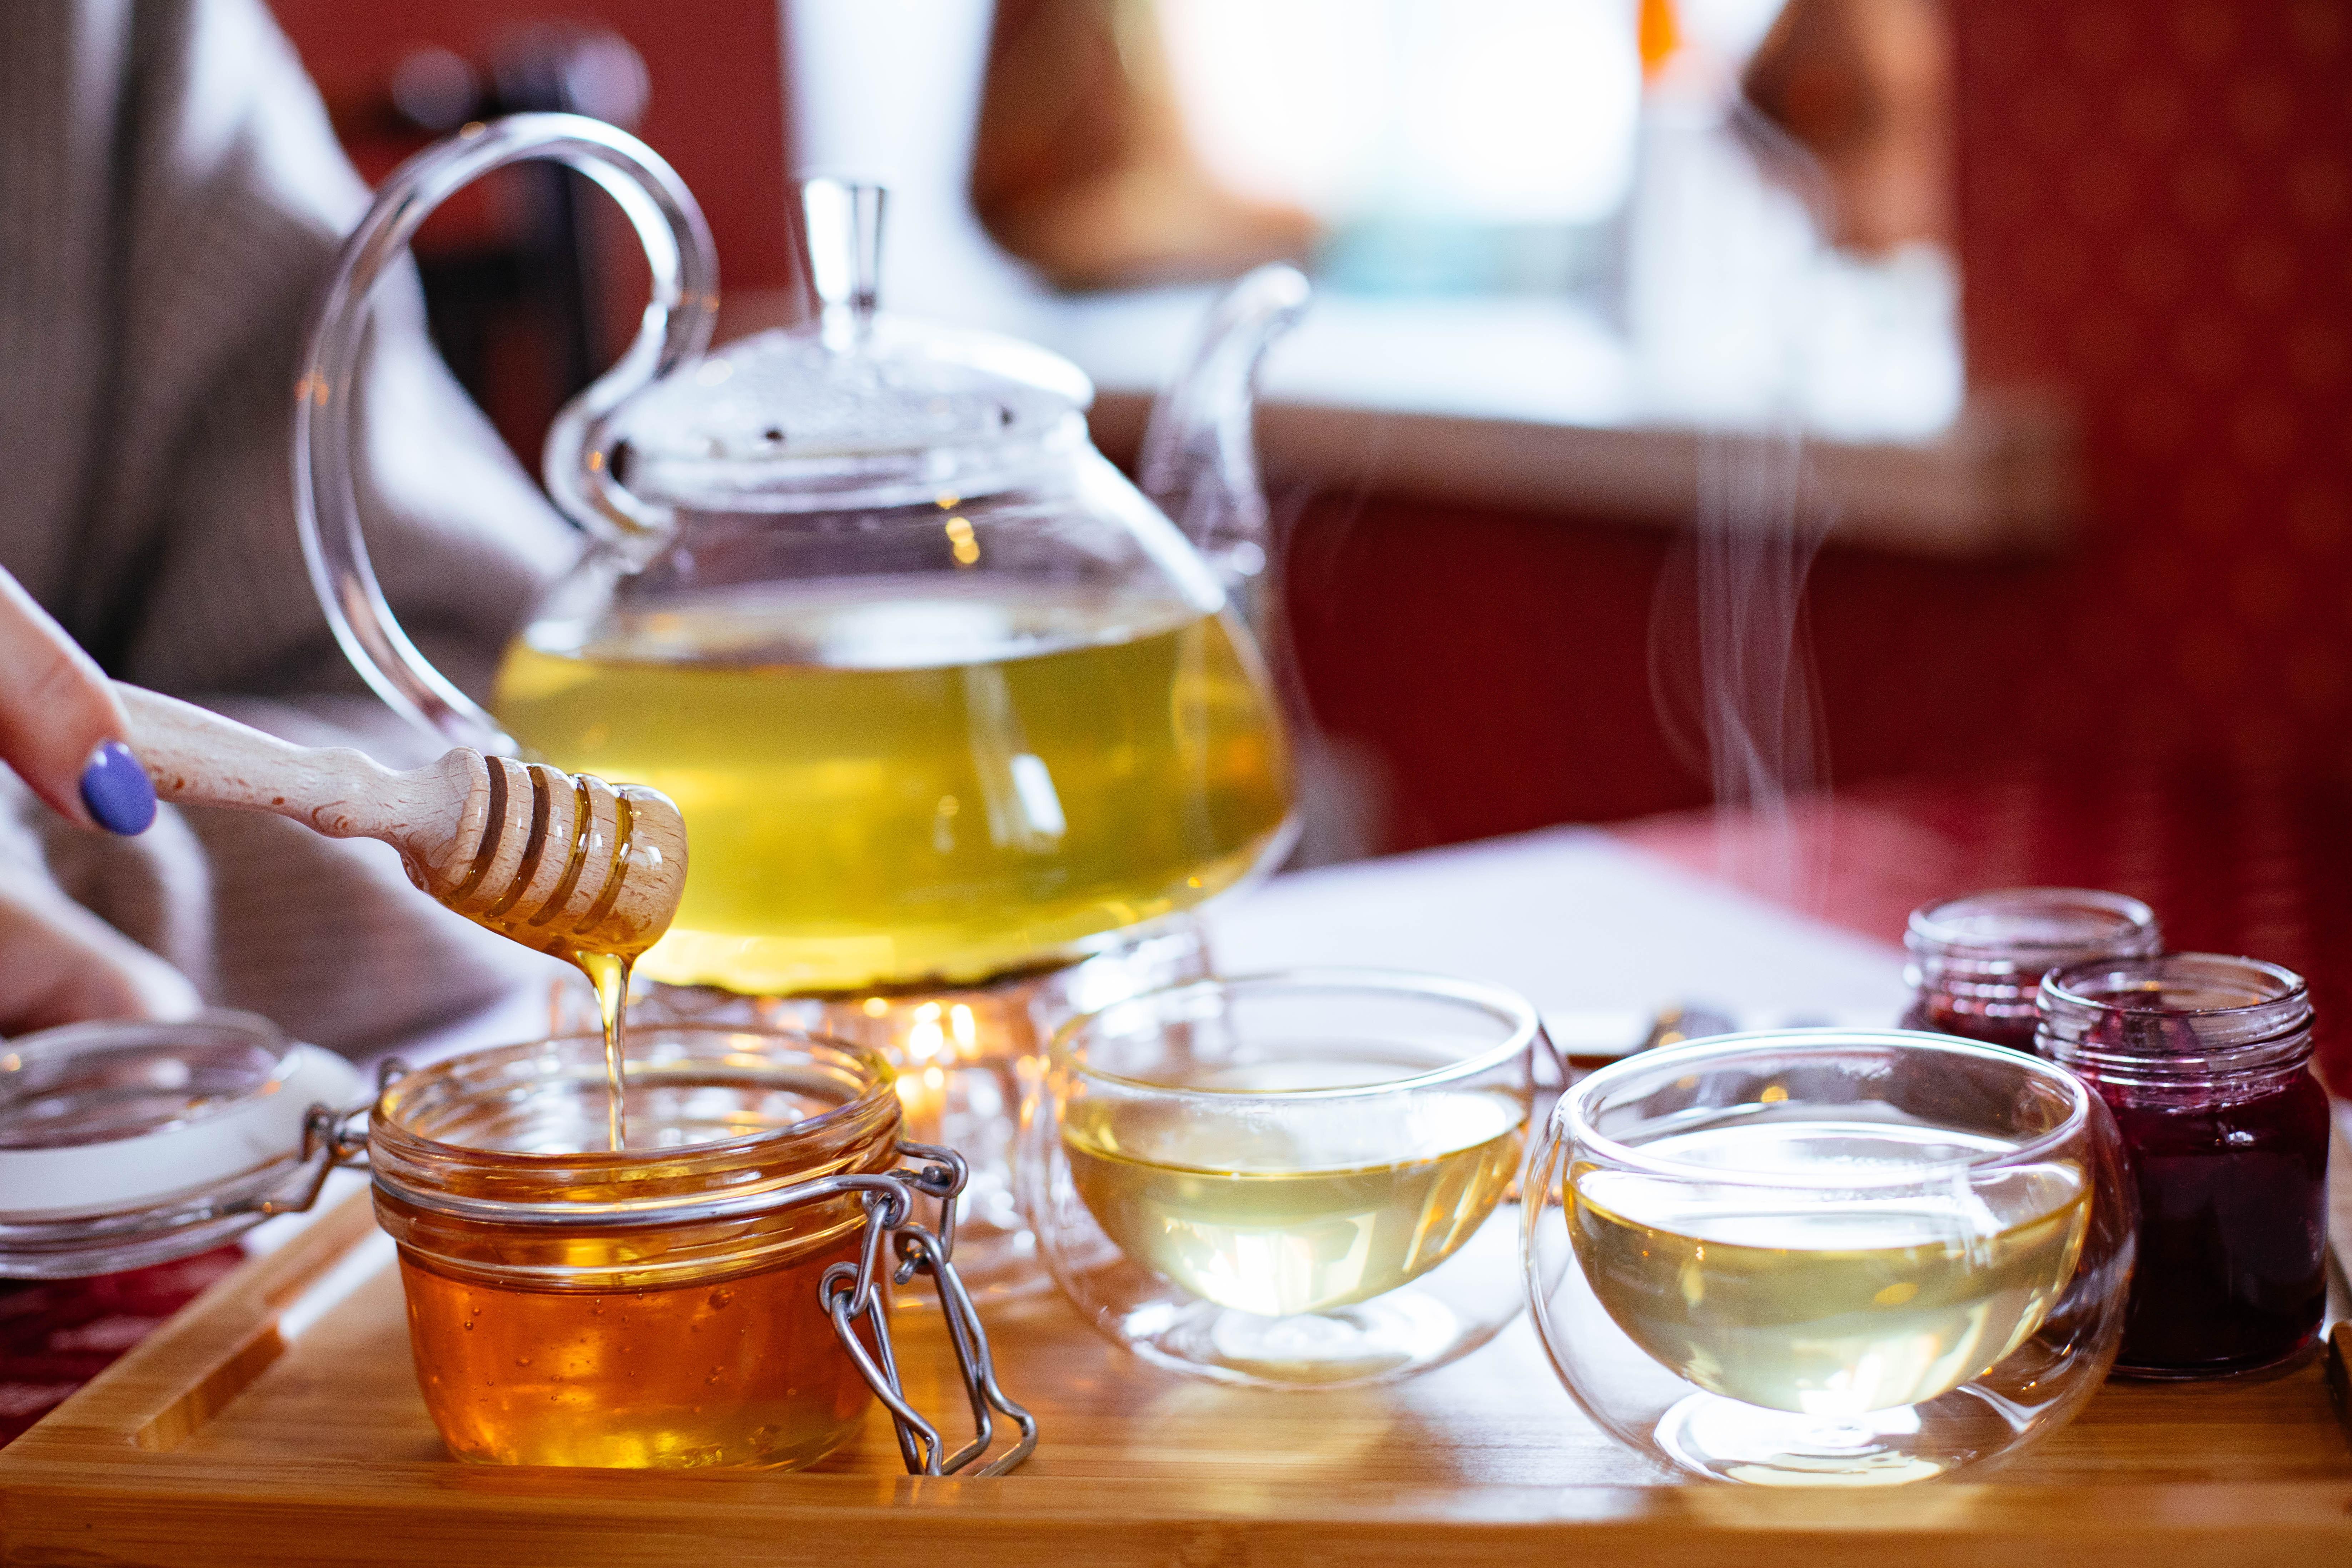 drink-chinese-herb-tea-honey-roasted-barley-tea-glass-alcohol-vegetable-oil-tea-distilled-beverage-liqueur-teapot-ingredient-tableware-1574029.jpg